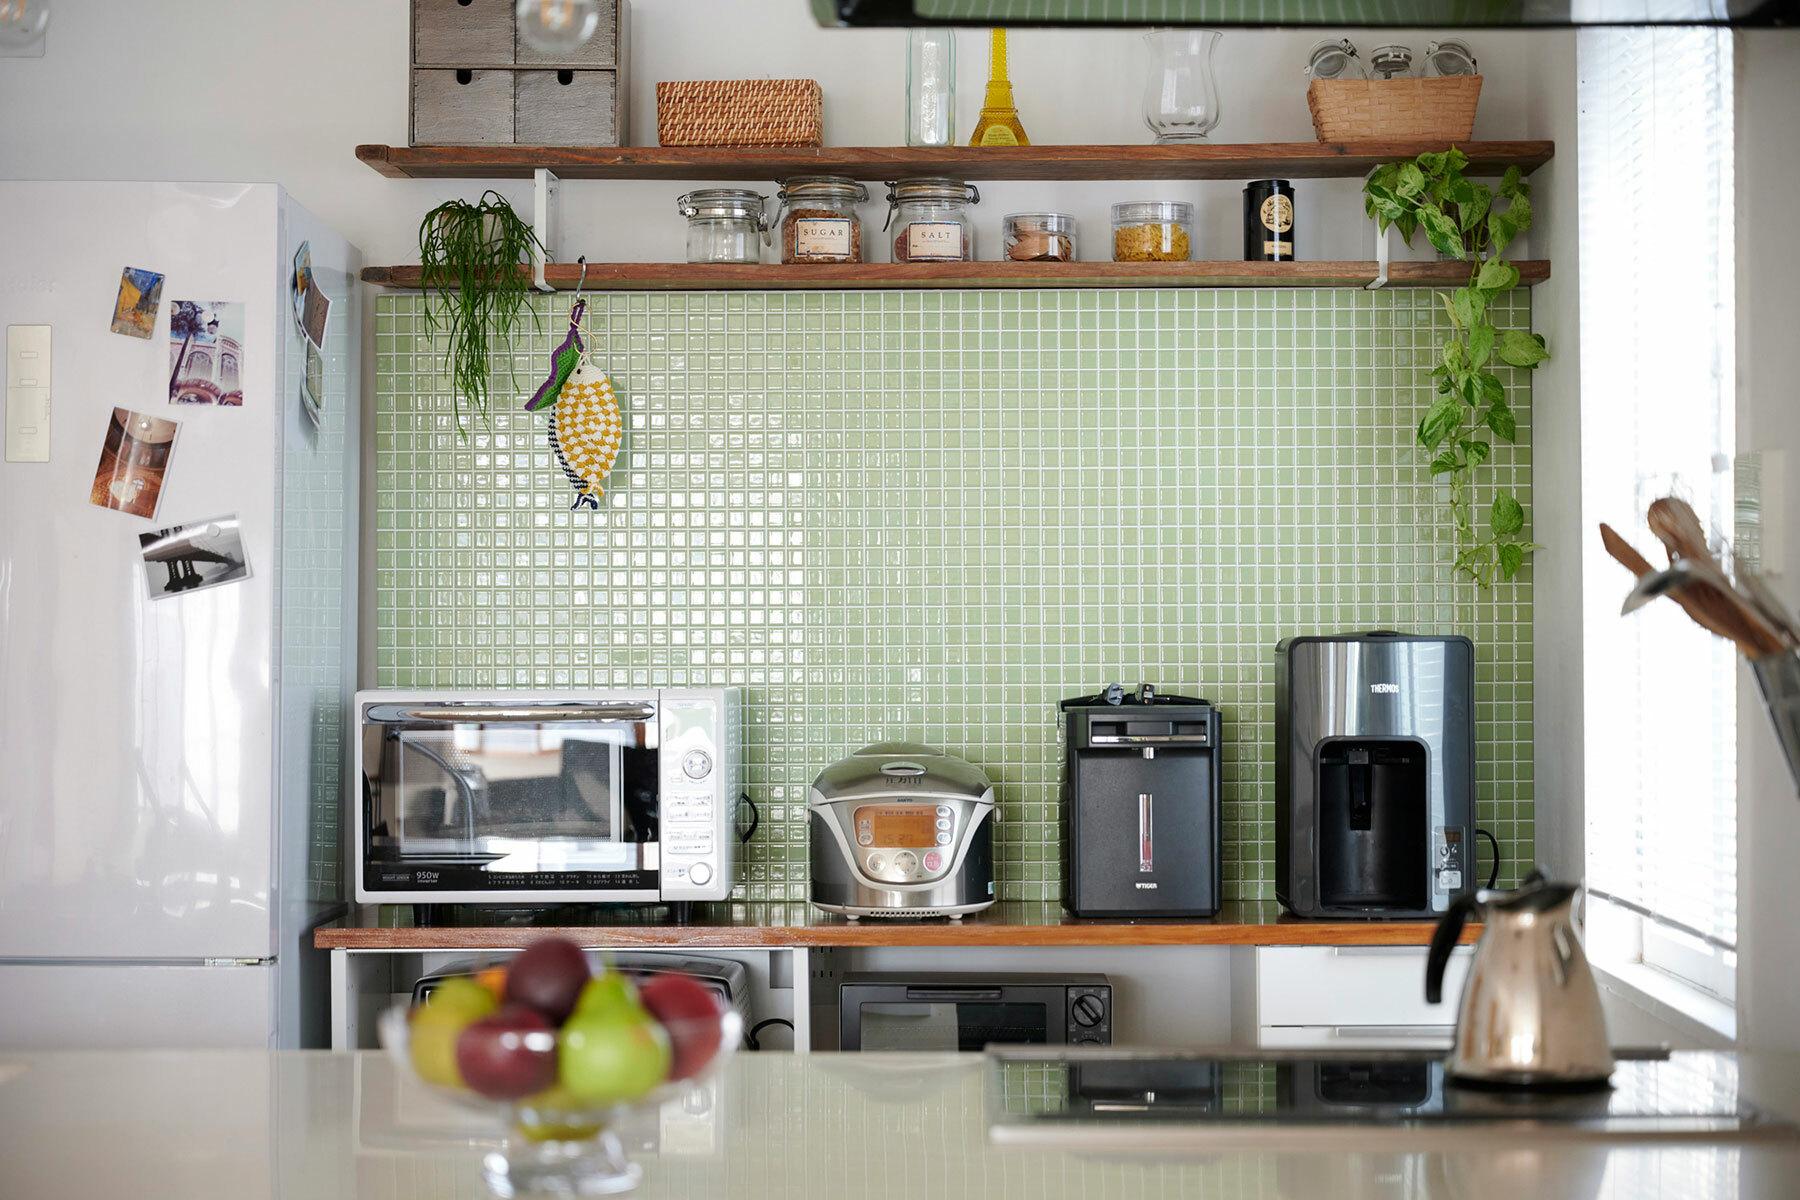 STUDIOFOGLIA HOME(3st)サイド光が入るキッチン